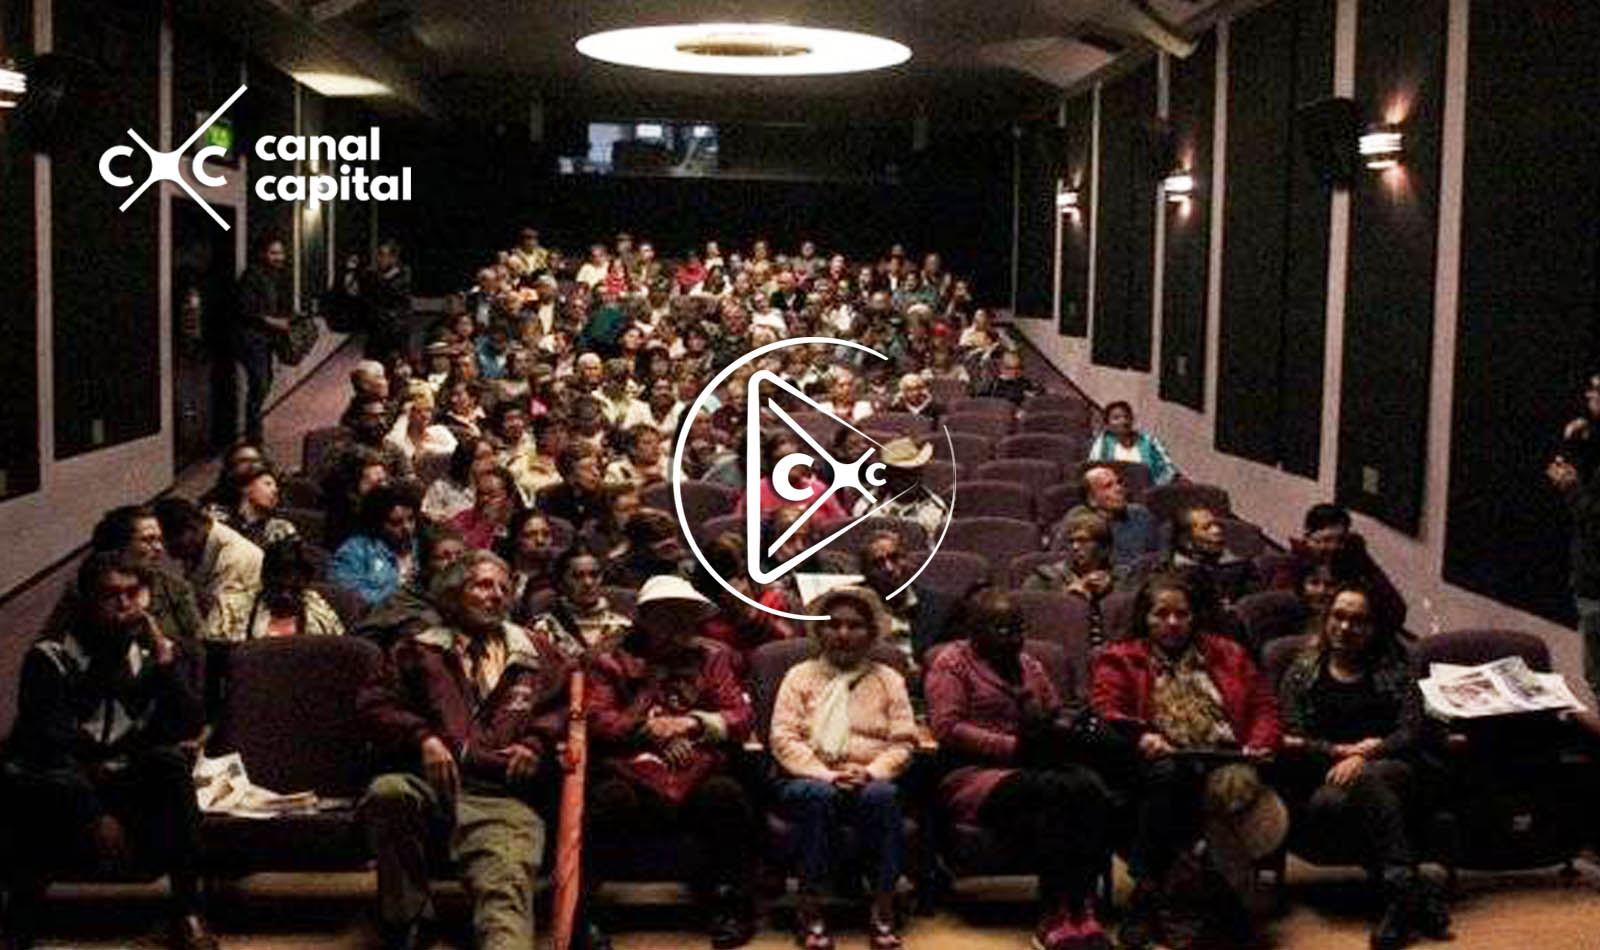 Cine gratis para adultos mayores en la Cinemateca Distrital